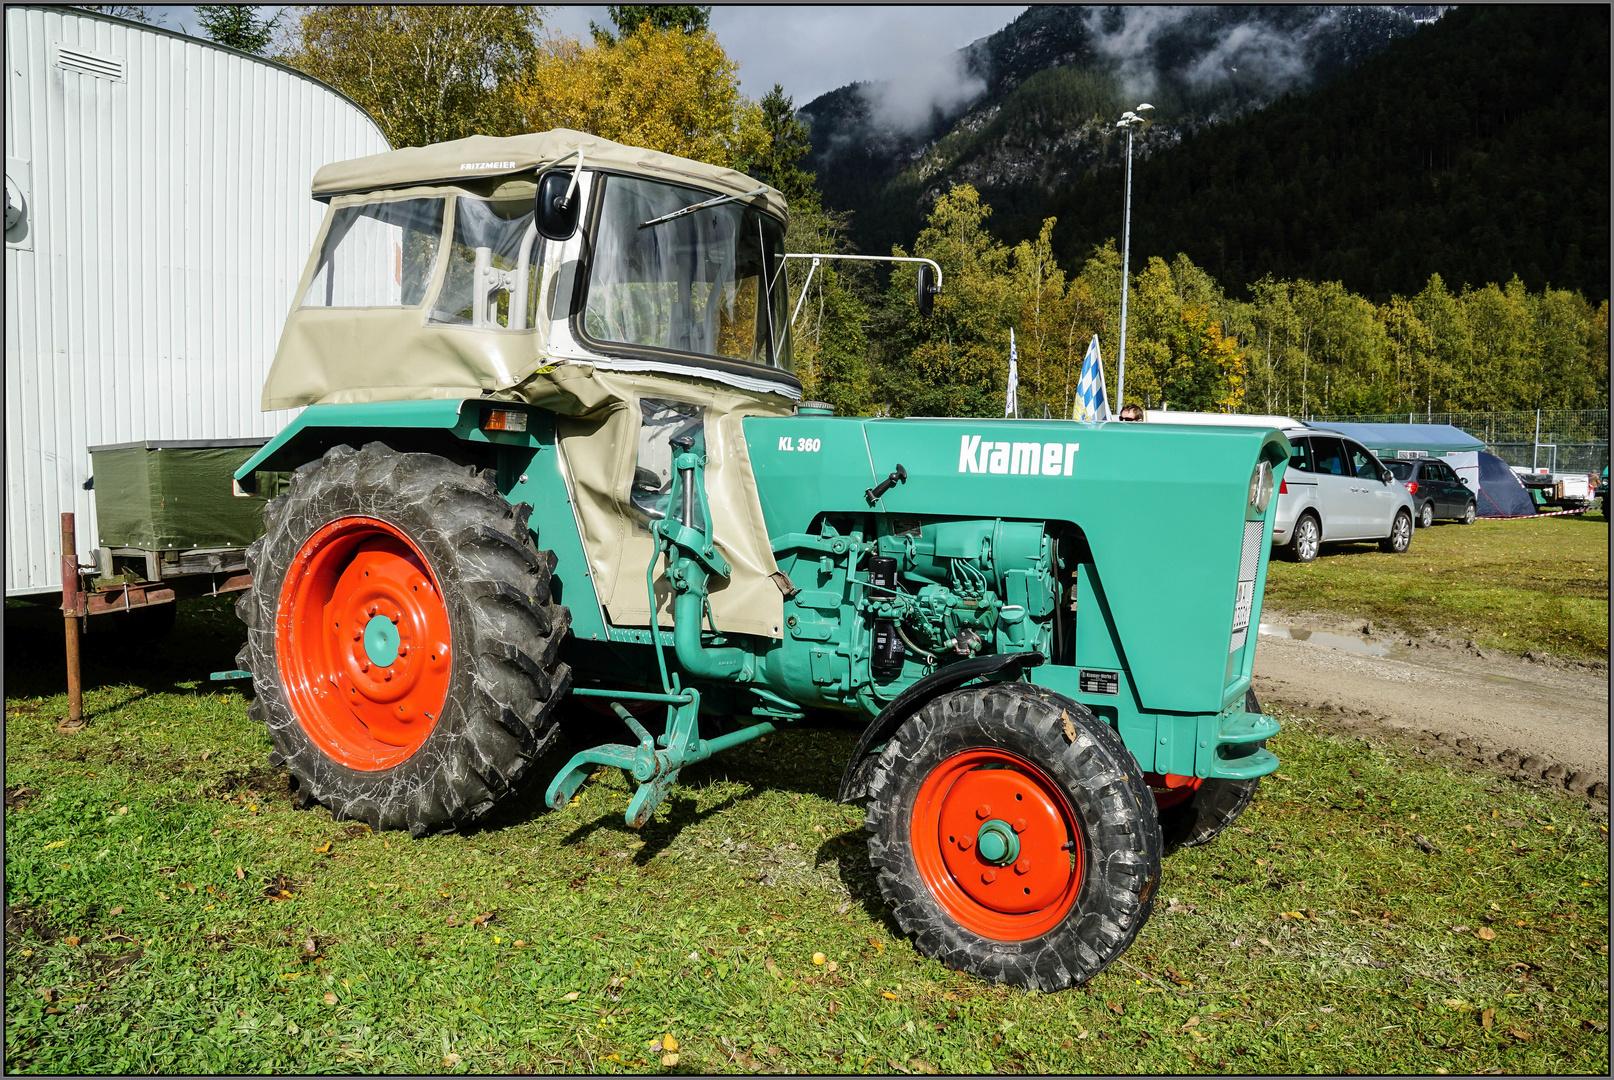 new concept 9eb26 eadcf Kramer KL 360 Foto & Bild | oldtimer, verkehr, motive Bilder ...